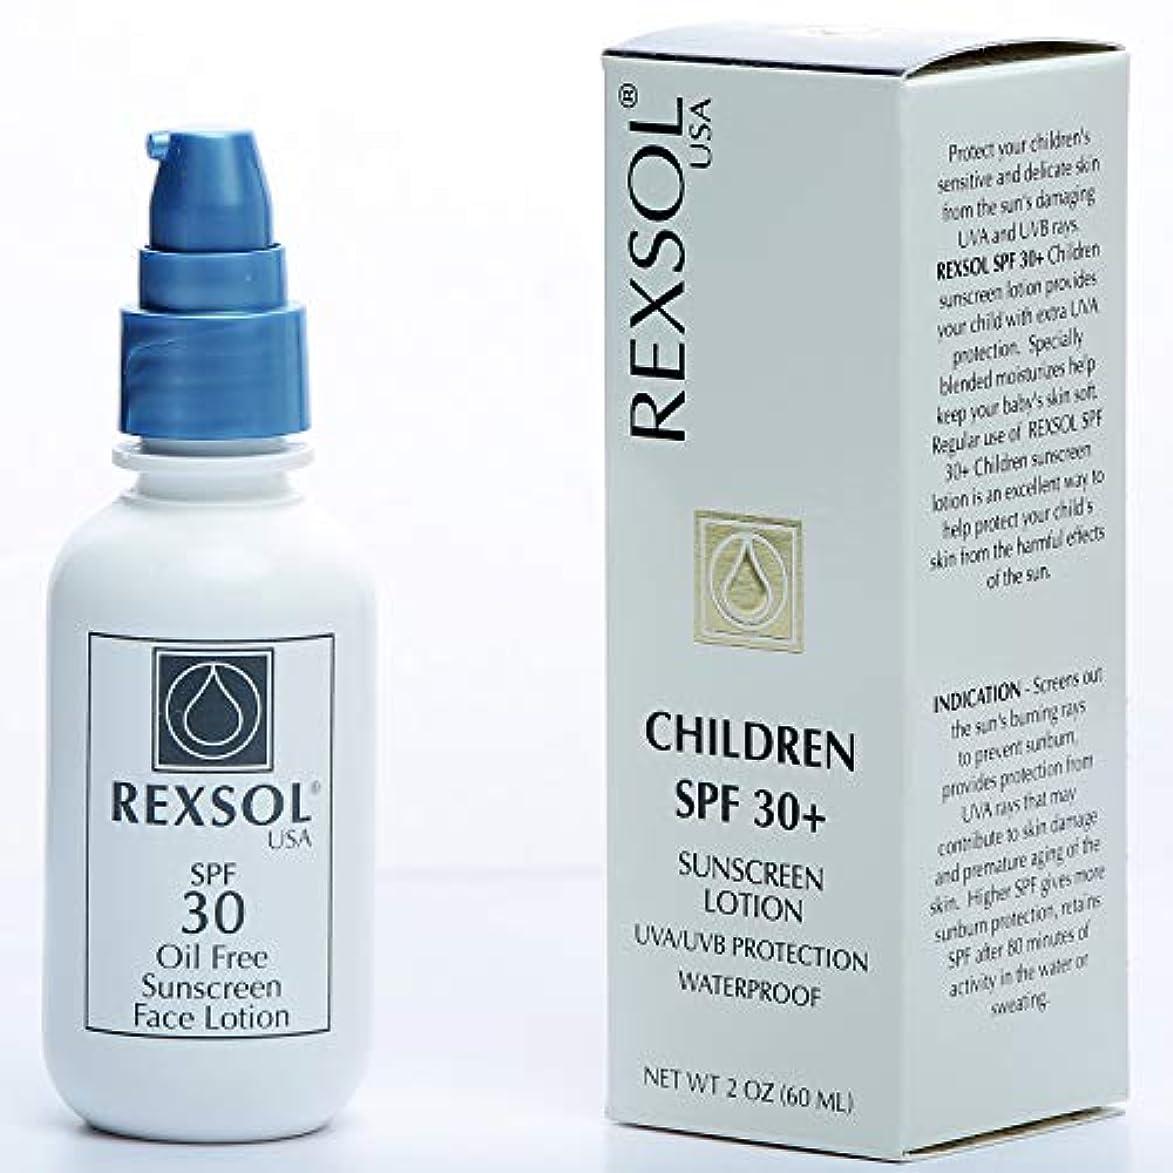 確認する歌グレーREXSOL子供SPF 30 +日焼け止めUVA/UVB保護防水  ビタミンA、C、Eおよび天然植物抽出物を豊富に含む  保湿剤と抗酸化剤。 (60ml / 2フロート)